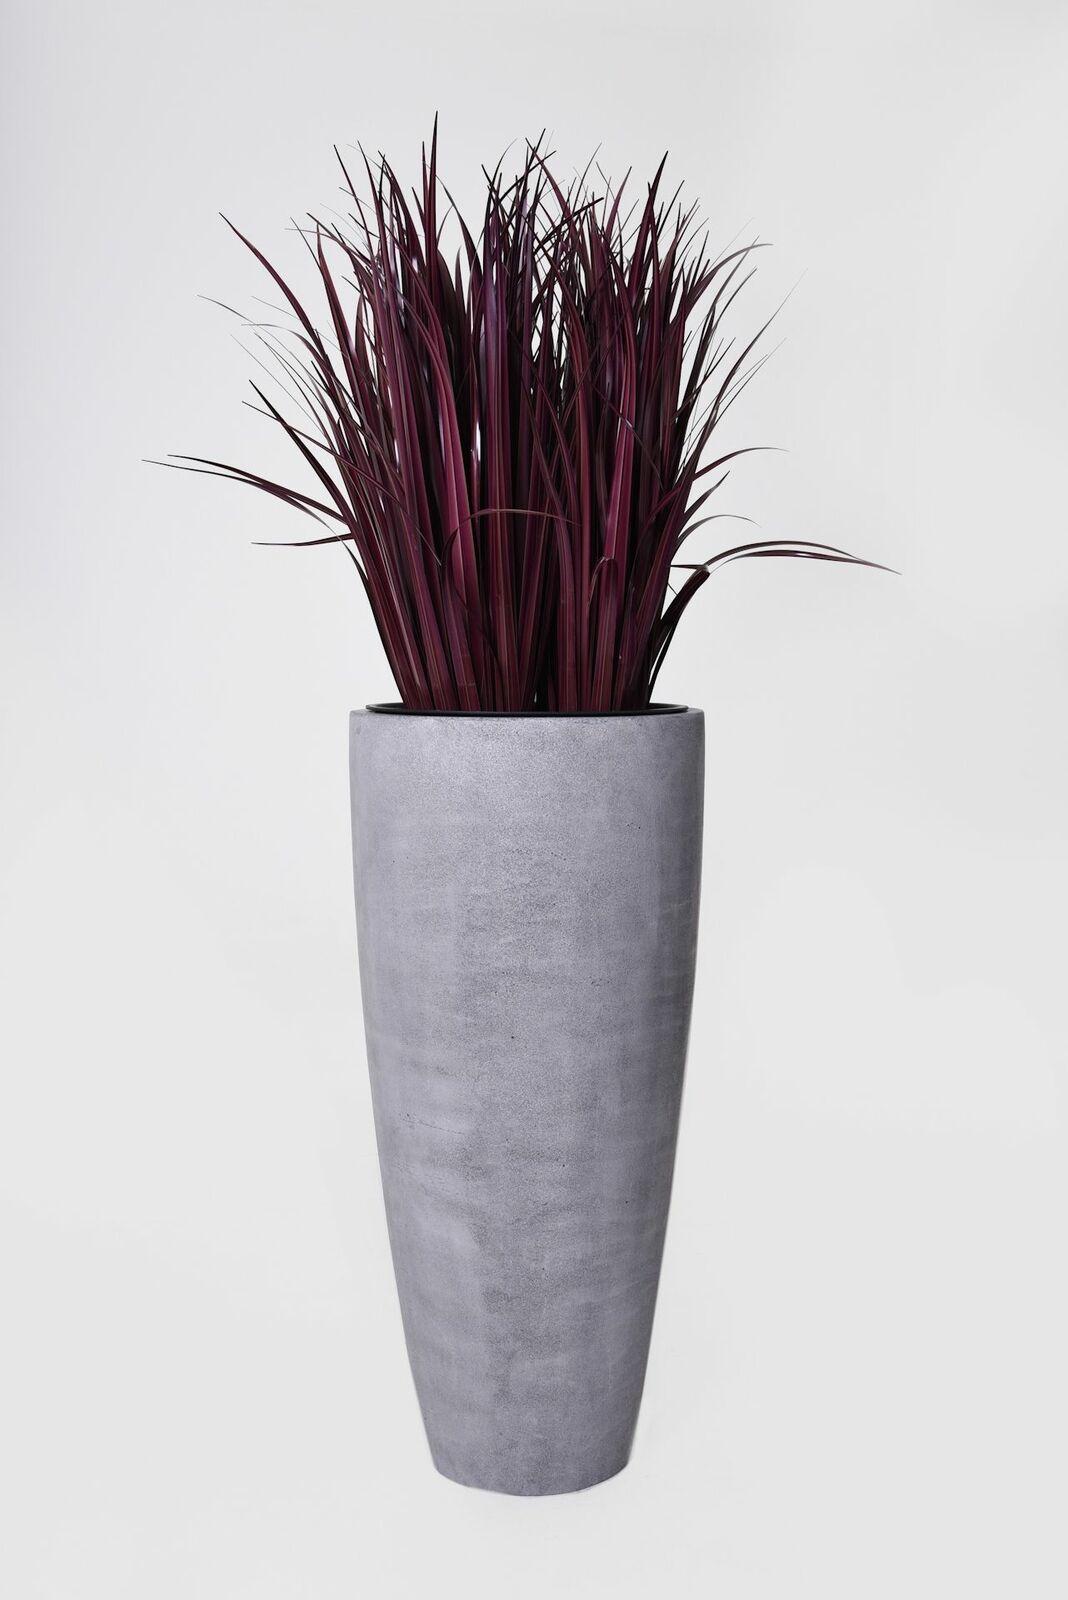 Tiesto para plantas tiesto  city  de fibra de vidrio, 100 CM, hormigón-Design gris